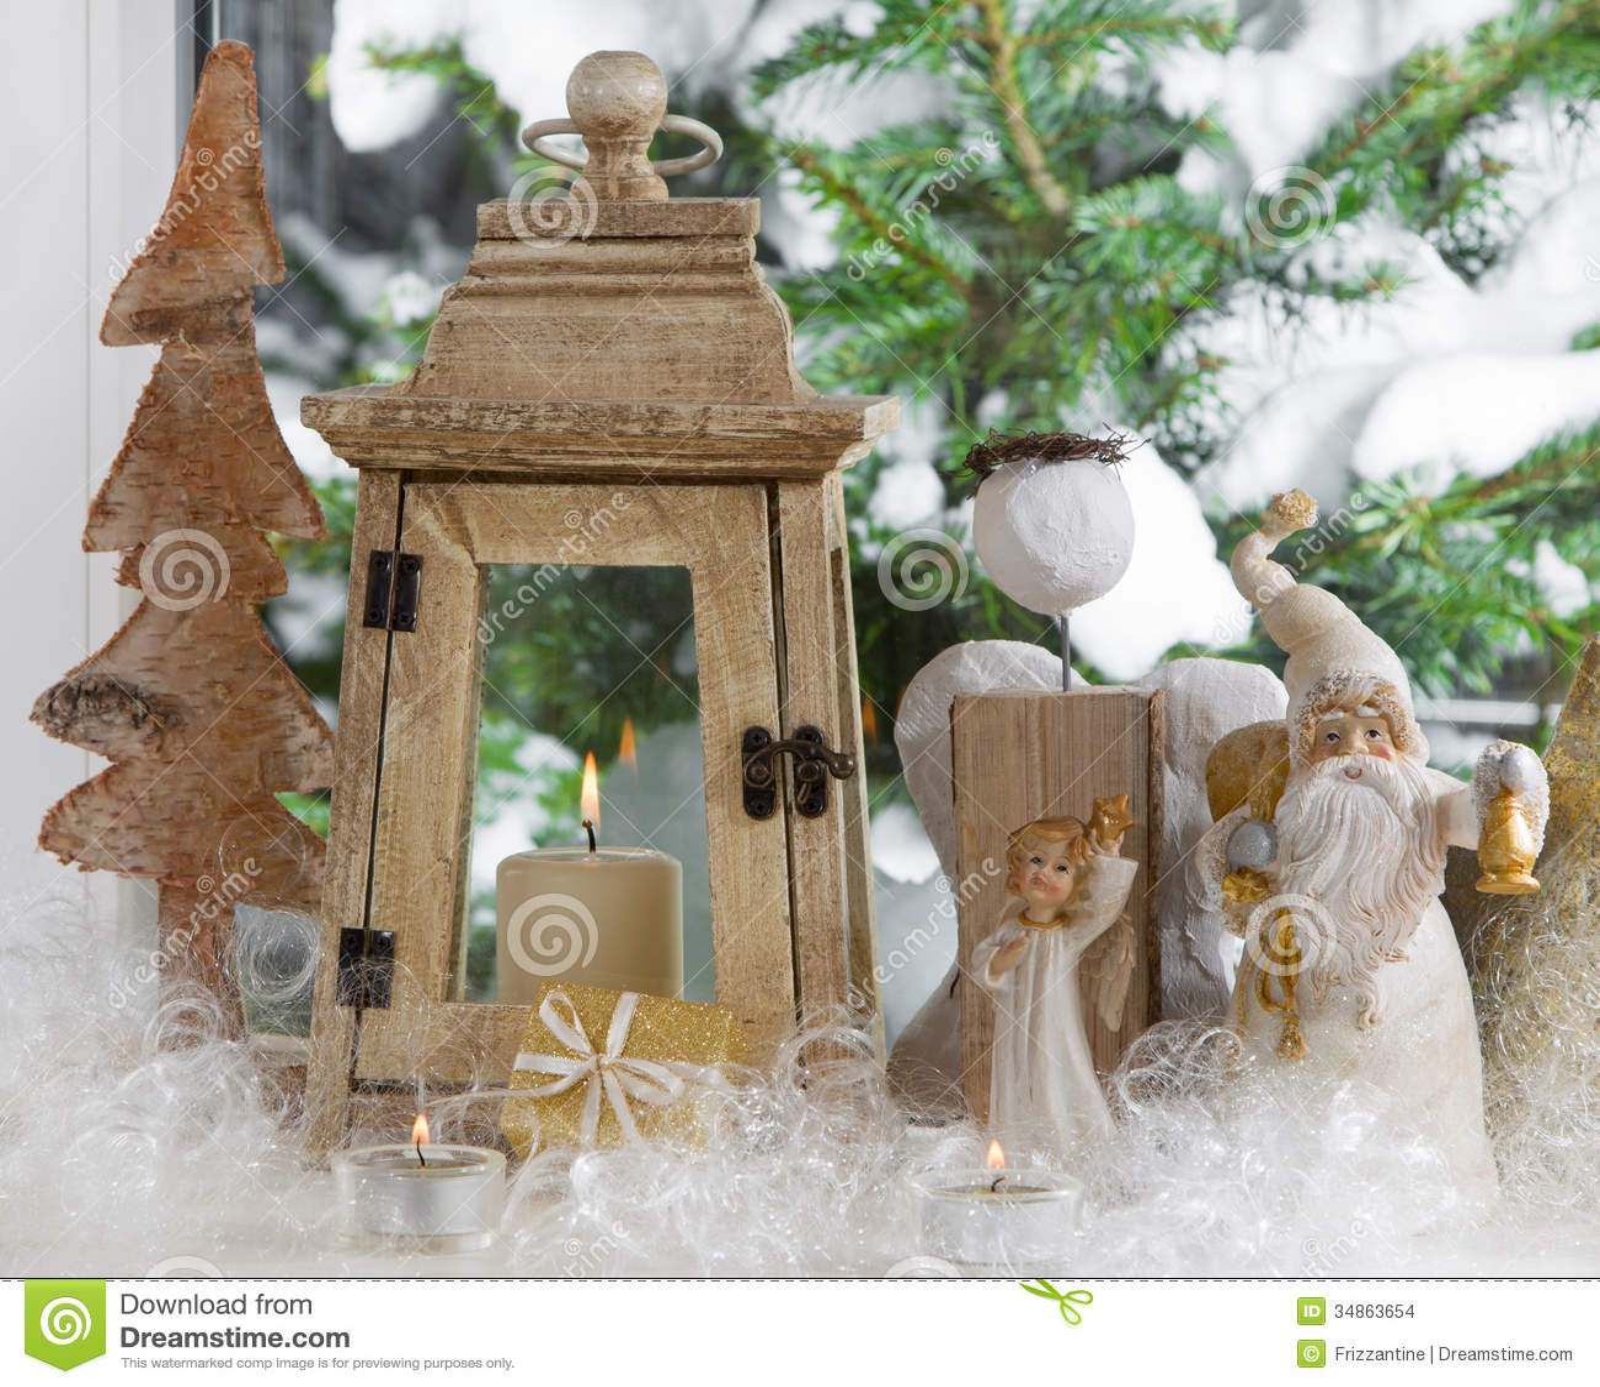 Davanzale della finestra decorato con gli angeli di natale - Addobbi finestra natale ...